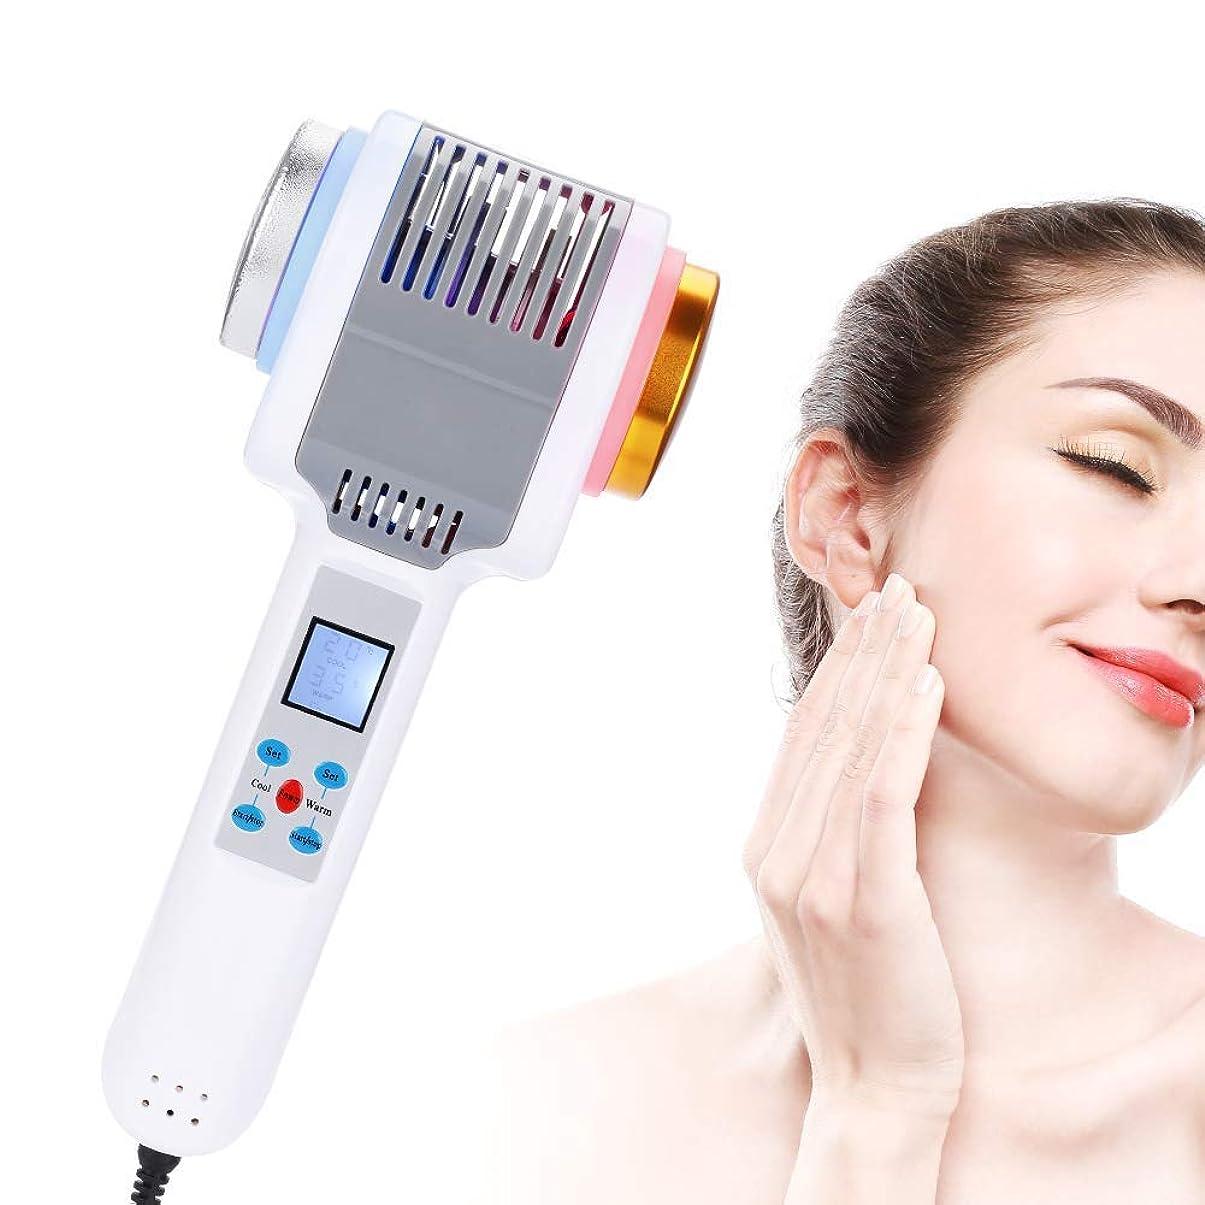 詩真剣に下る光子療法機ホット&コールドハンマーアイスファイアダブルヘッド振動マッサージ美容機器削除しわ明るい顔の引き締め美容若返りツール